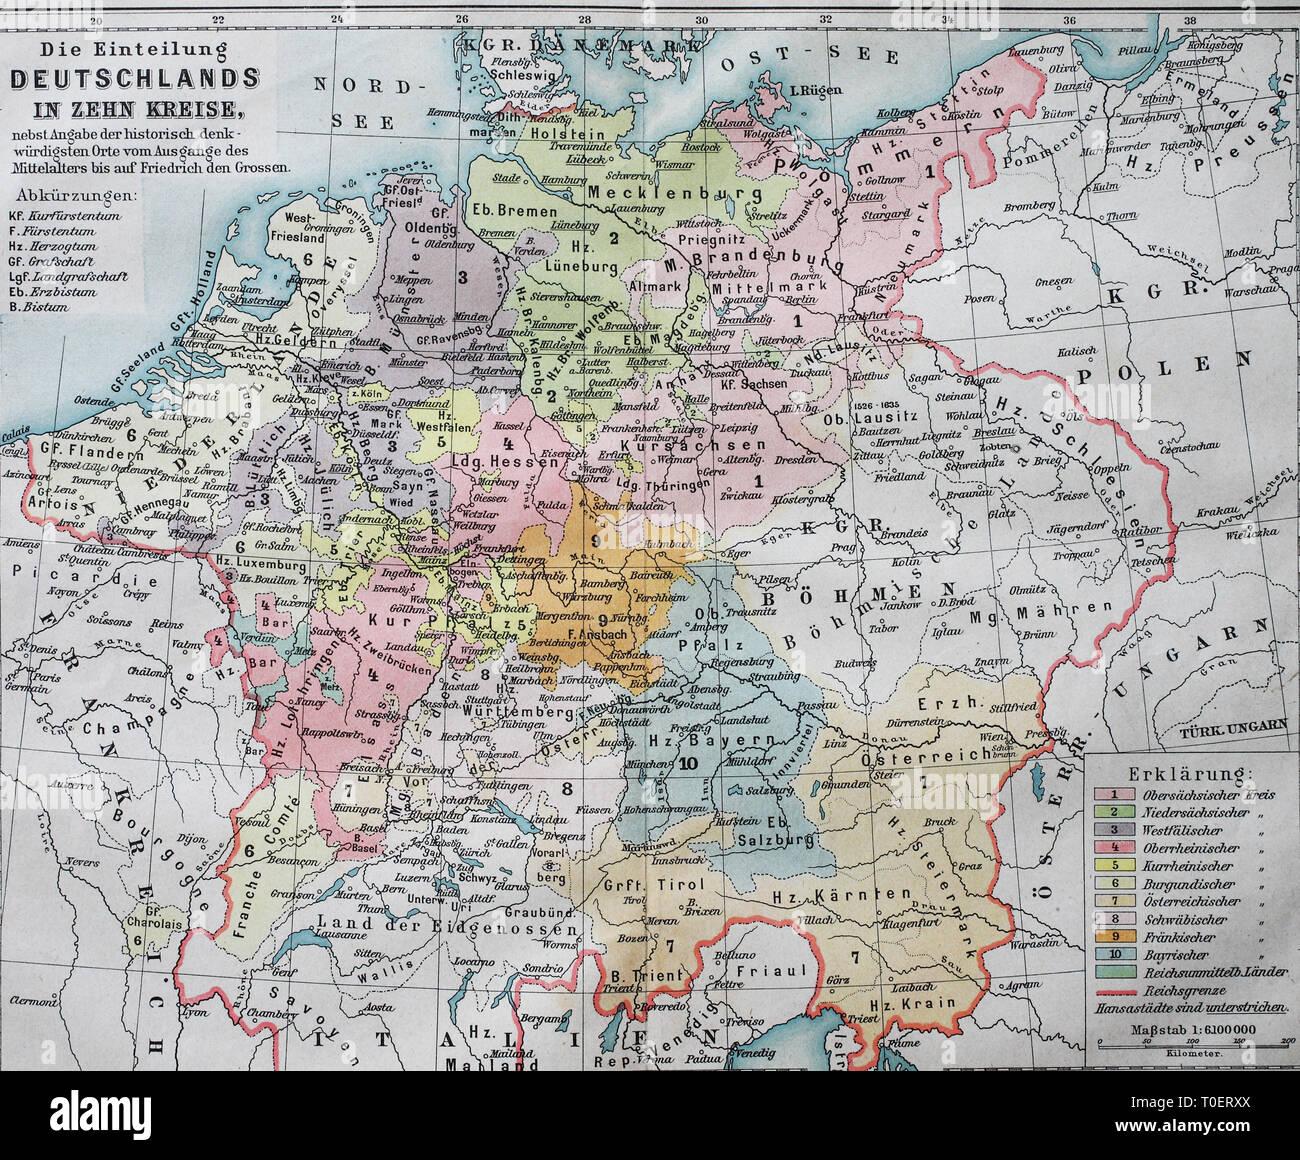 Land Karte Deutschland.Historische Karte Deutschland Einteilung In Zehn Bezirke Im